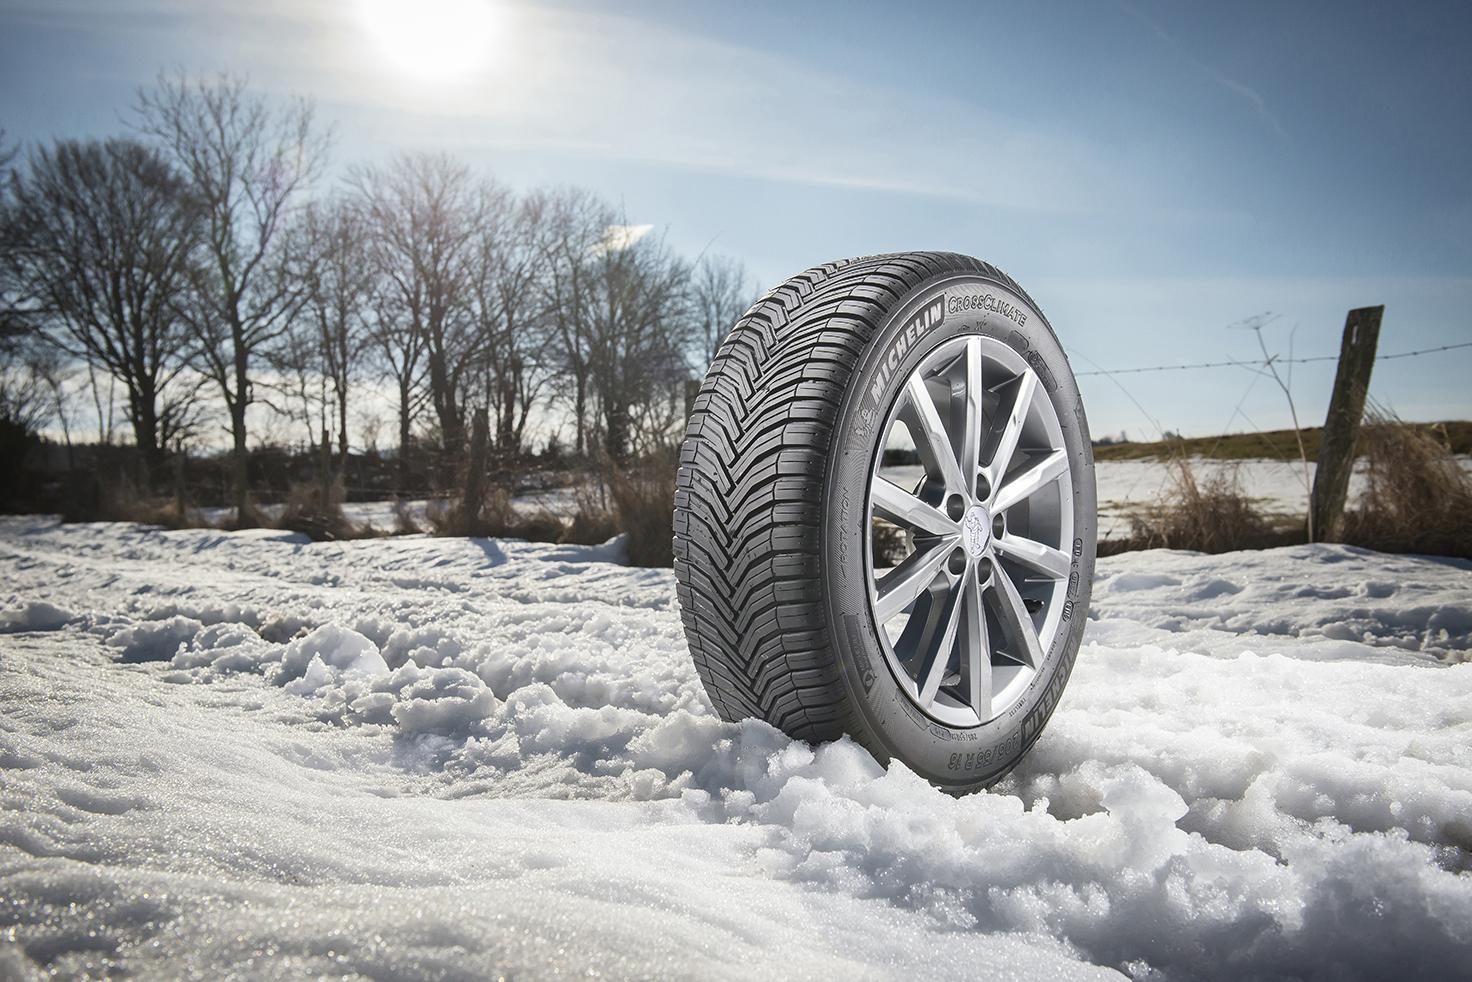 Michelin kış ayları için sürücüleri uyarıyor!